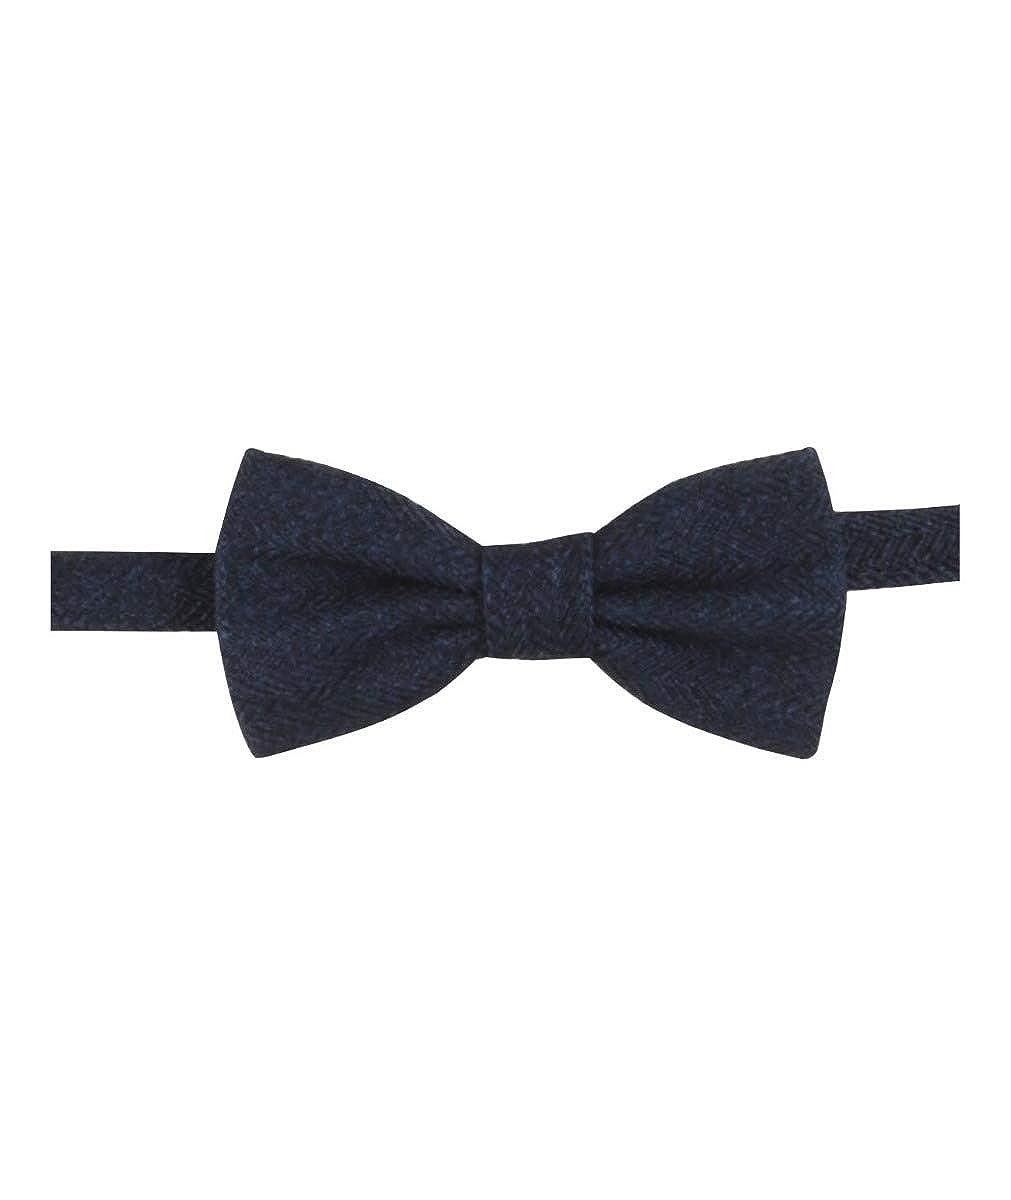 per matrimonio colore nero SIRRI Set composto da papillon e fazzoletto in tweed a spina di pesce